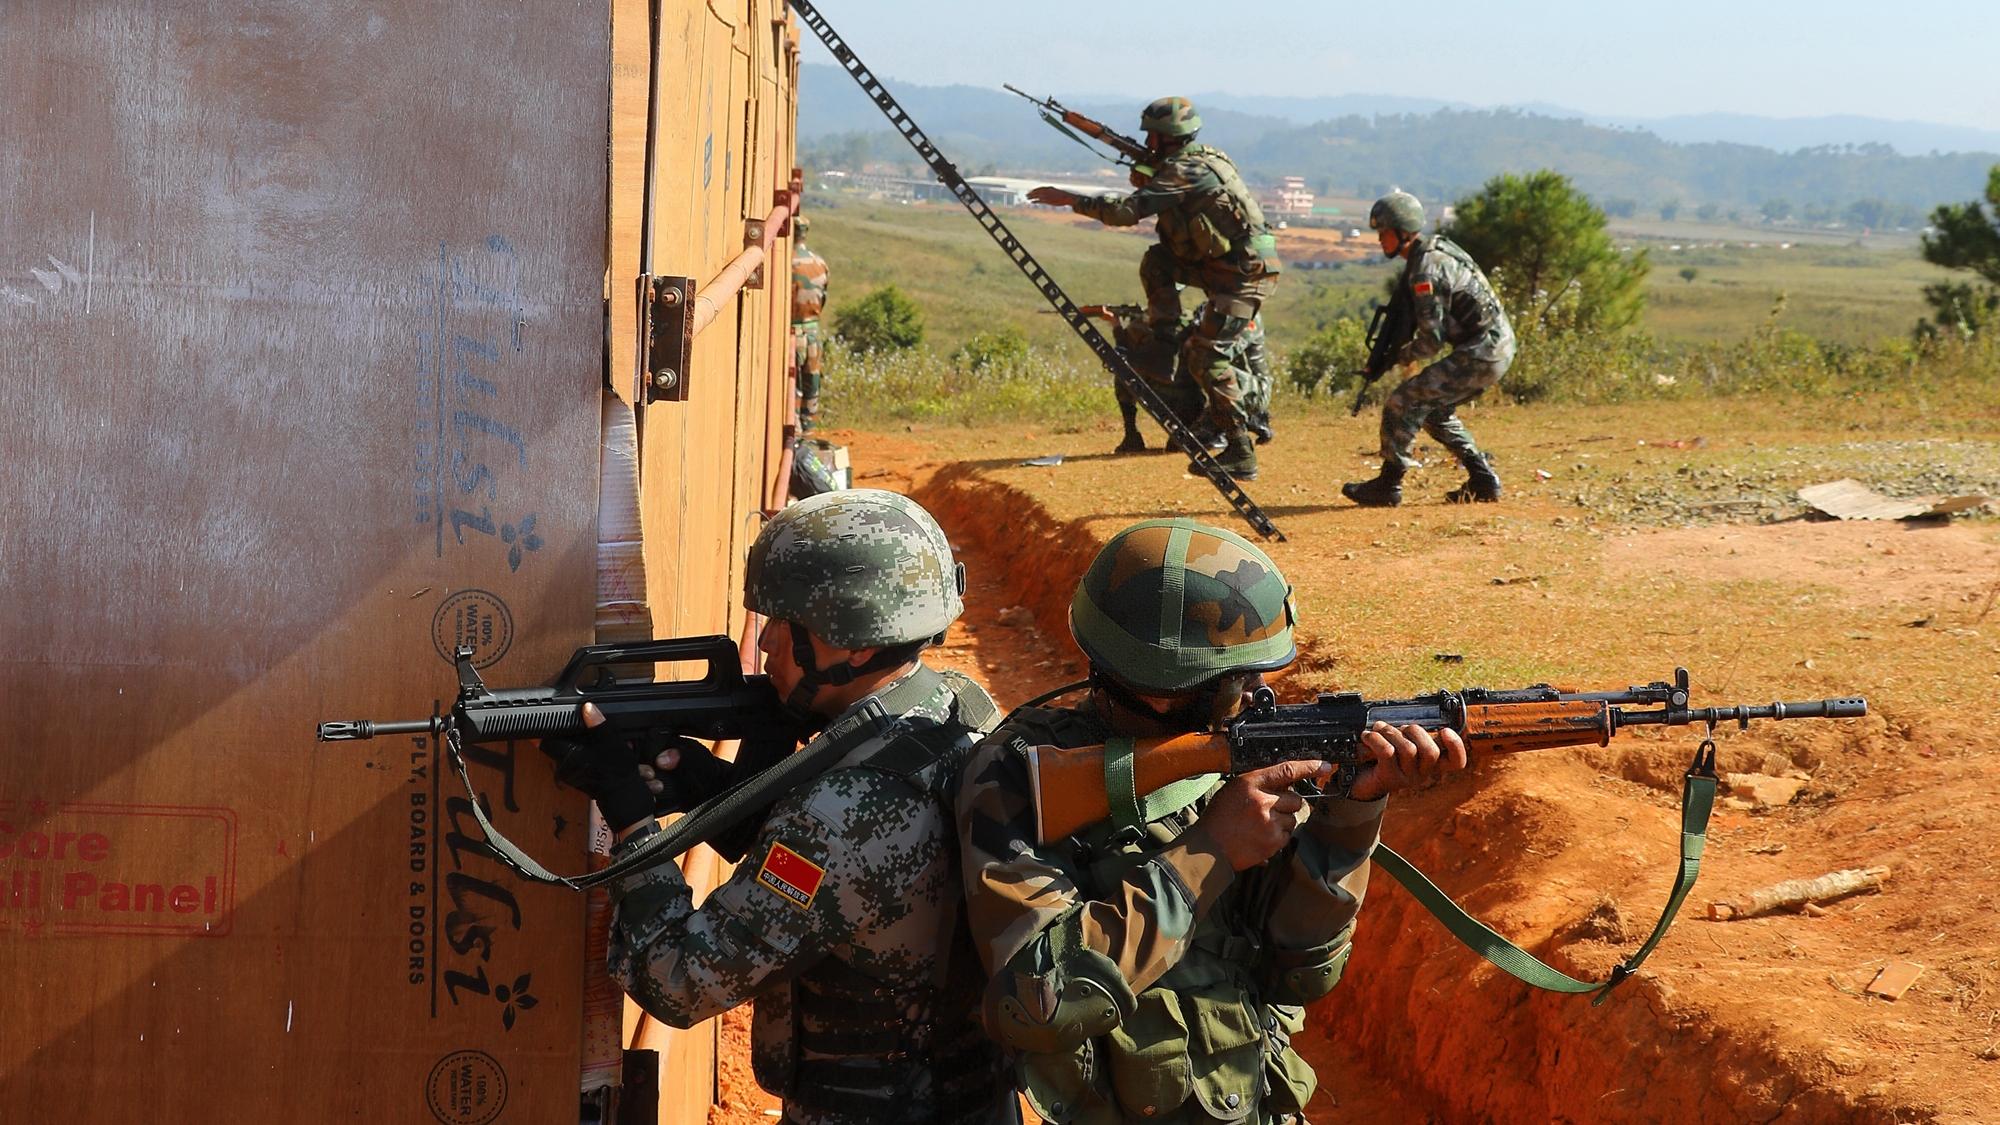 日媒:印度对构建对华包围圈犹豫不决